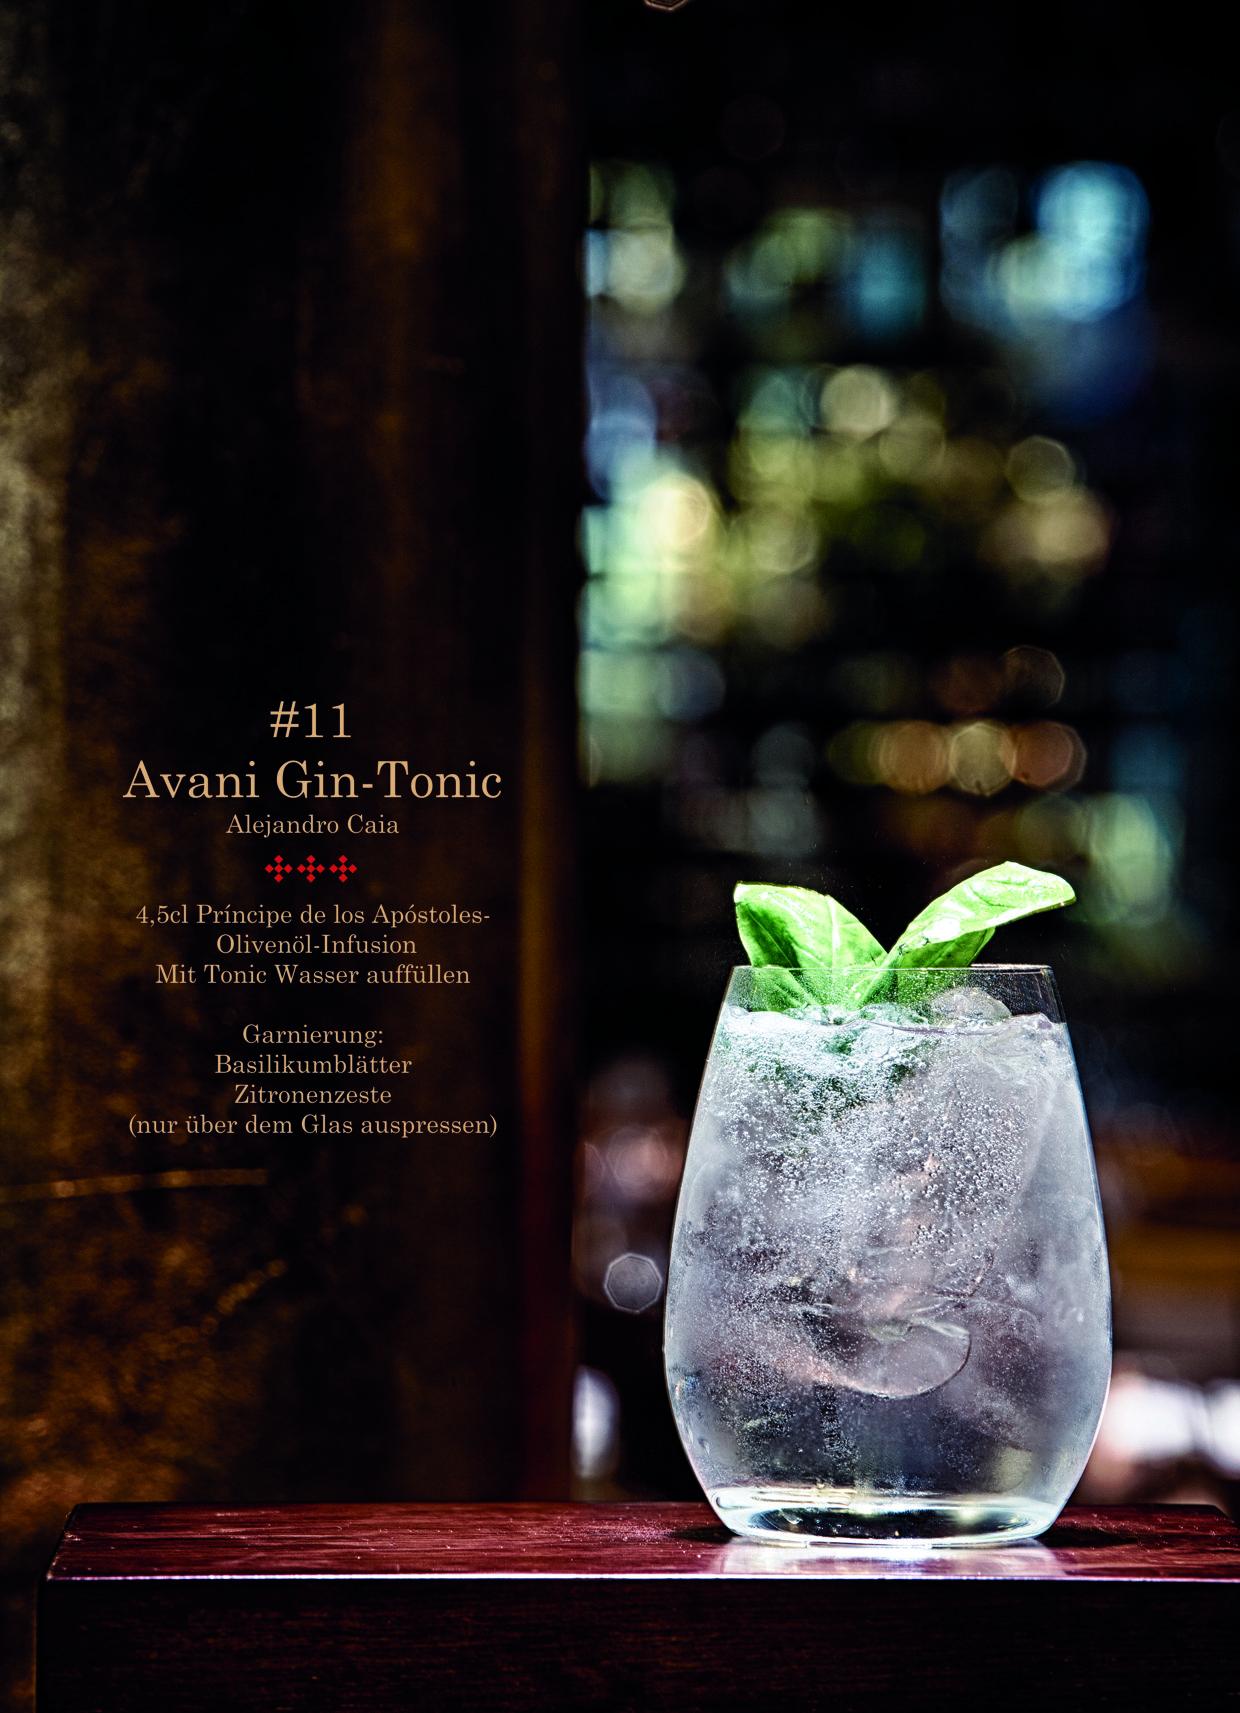 Avani Gin-Tonic